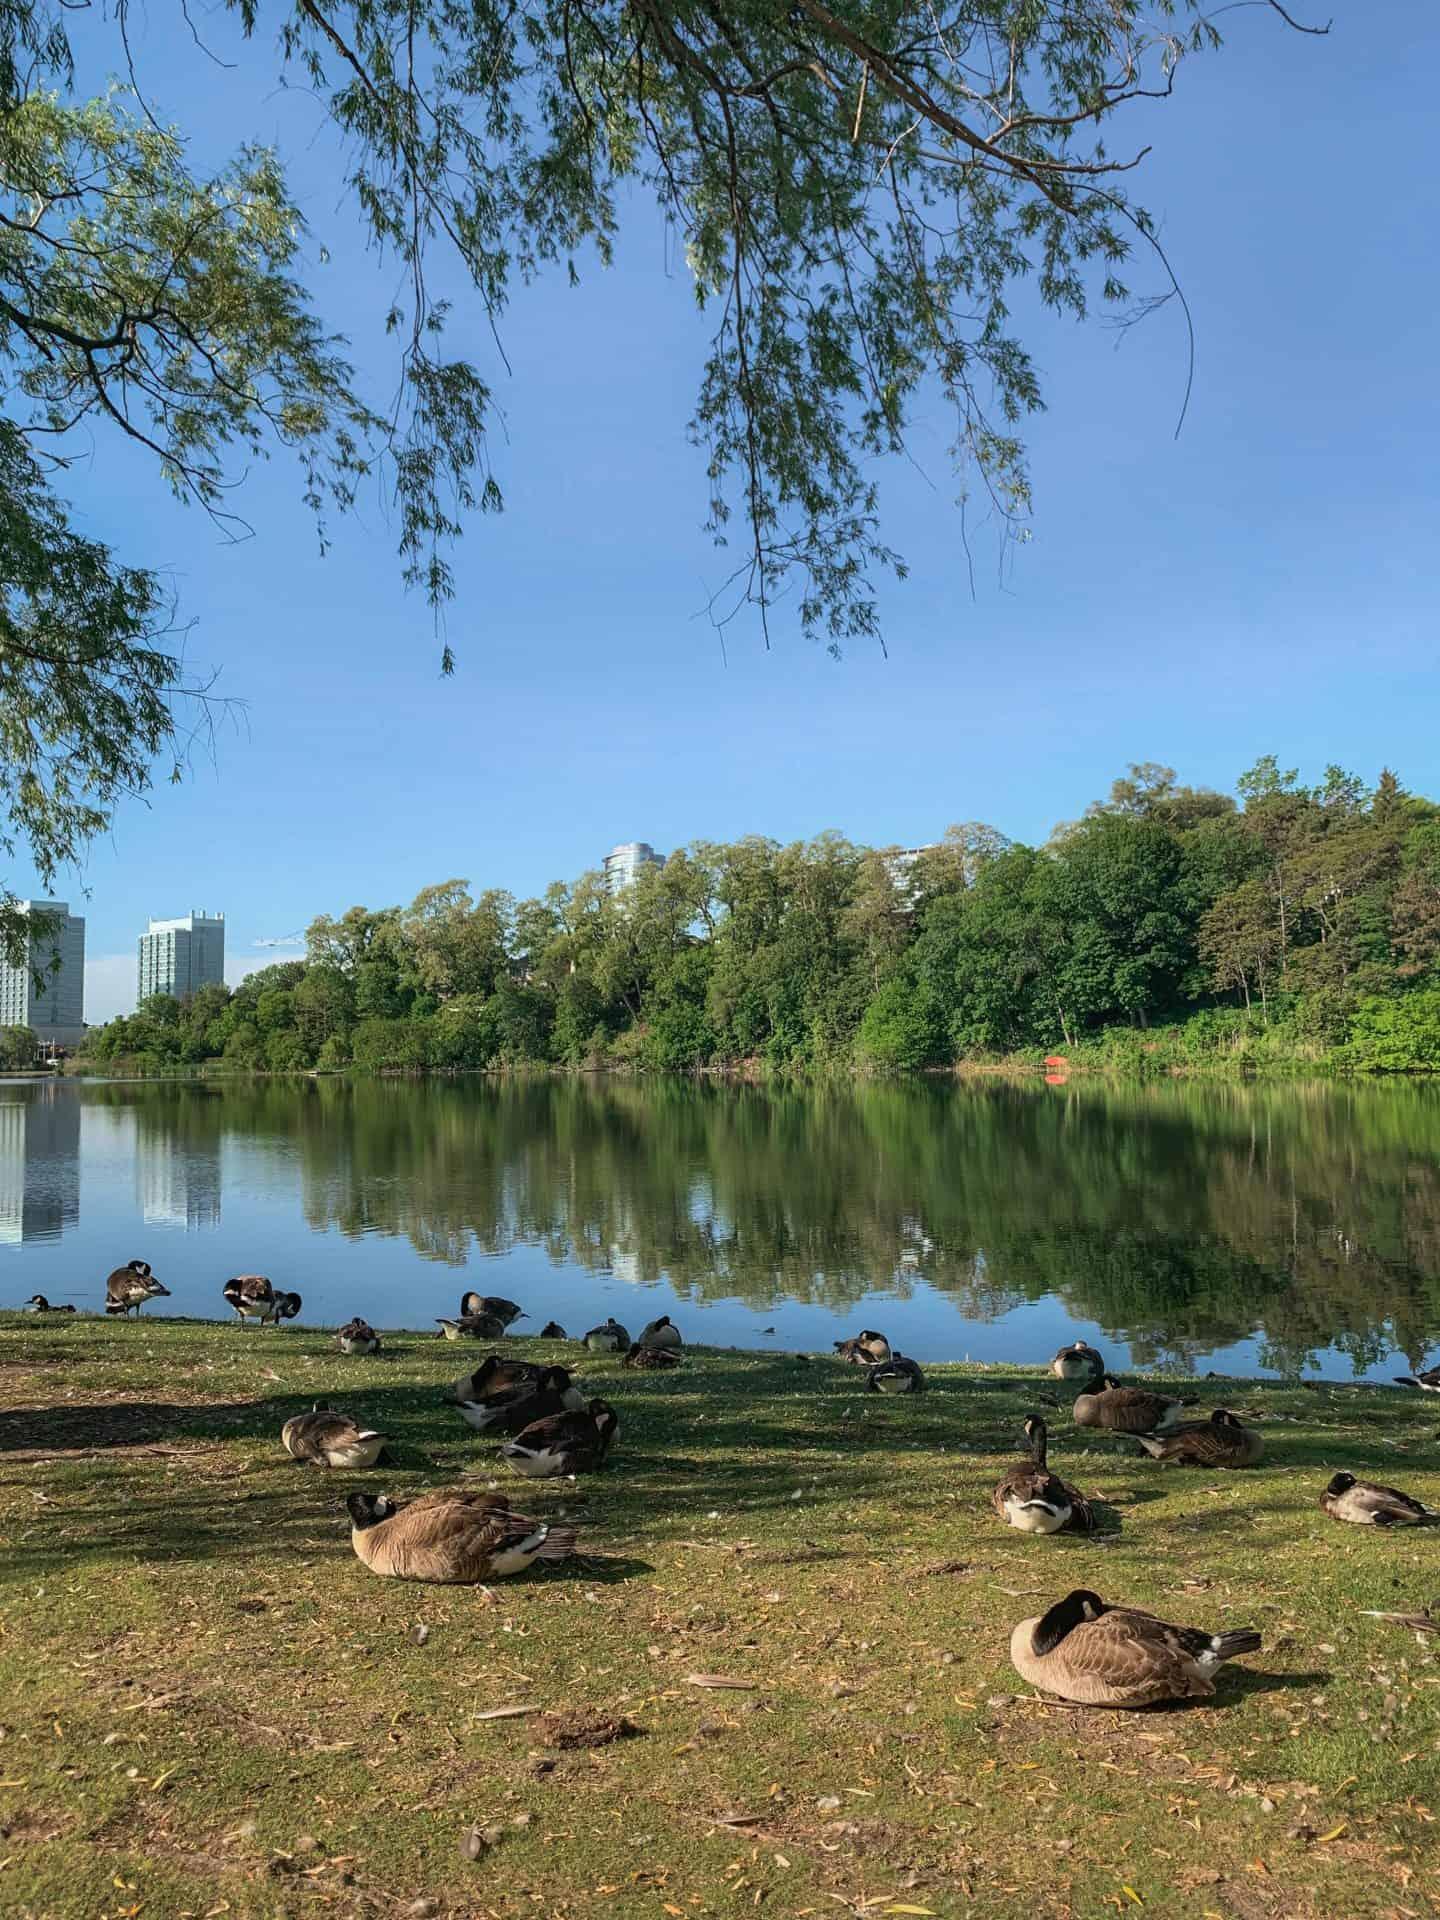 High Park in Toronto, Ontario